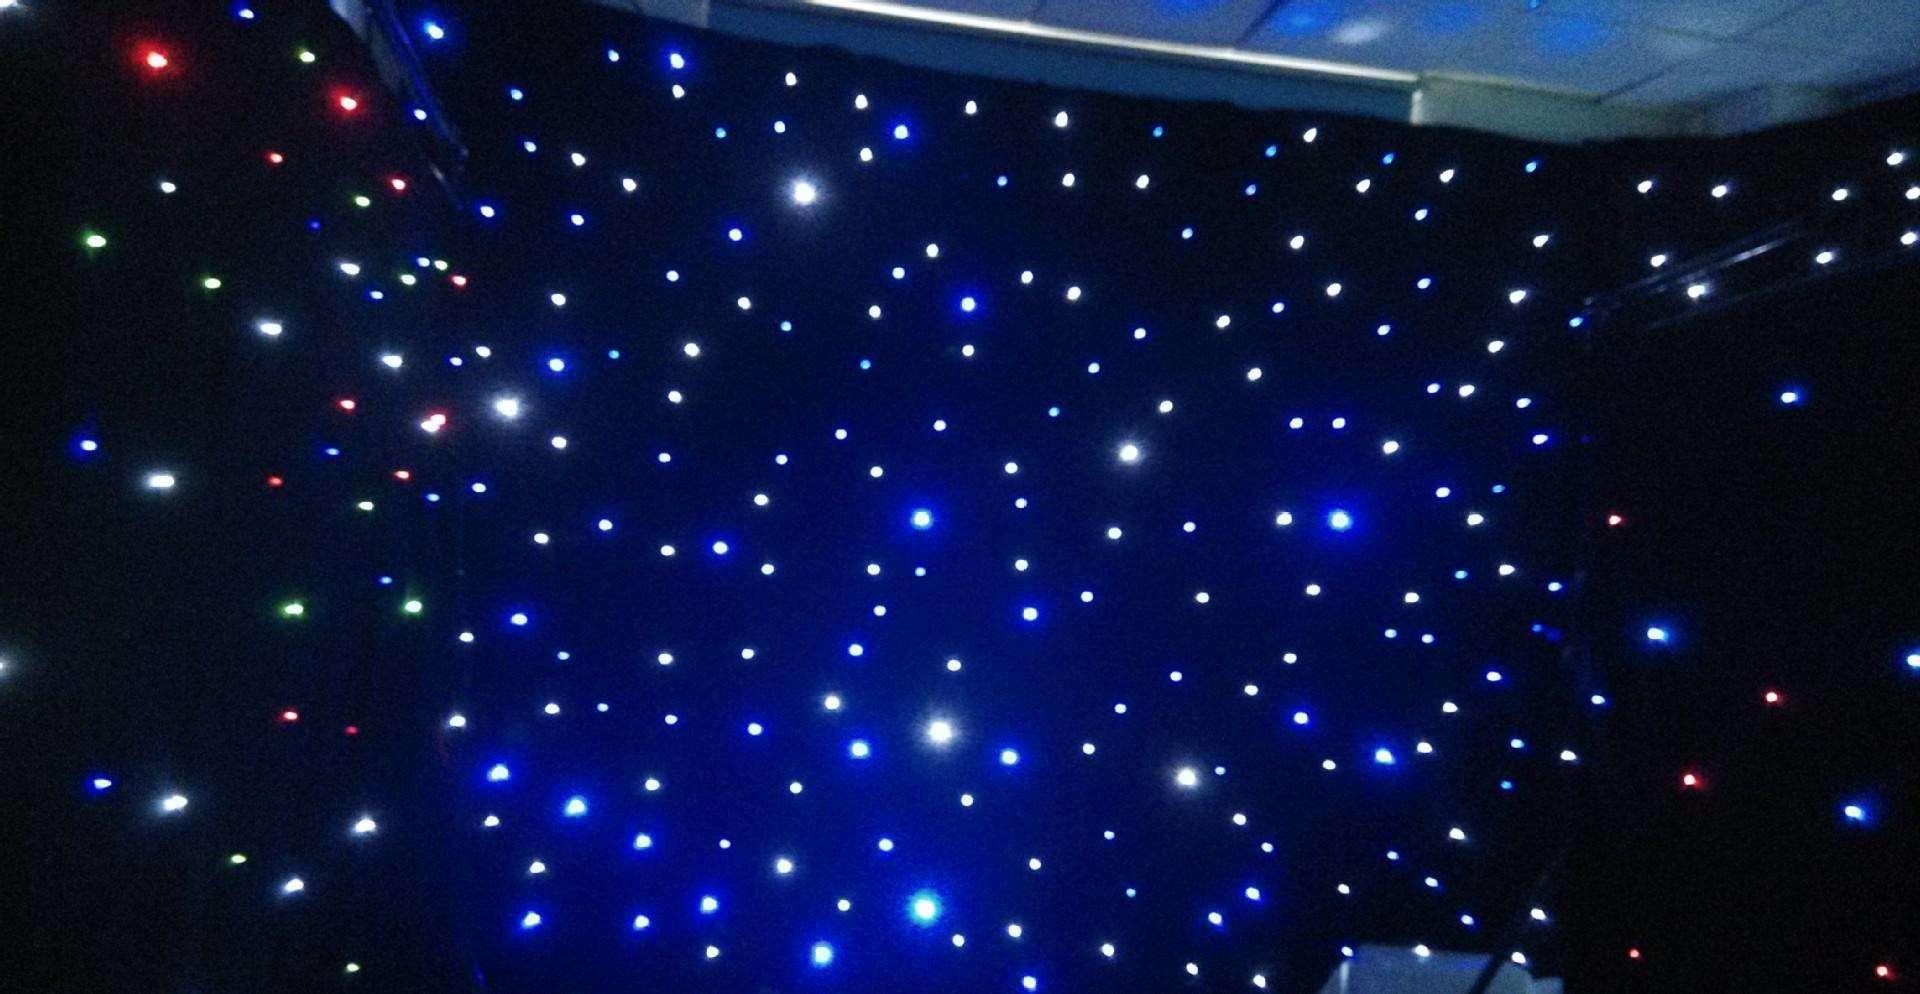 台系LED厂光磊受惠穿戴、汽车等利基市场需求成长带动 预计今年将扩产两成